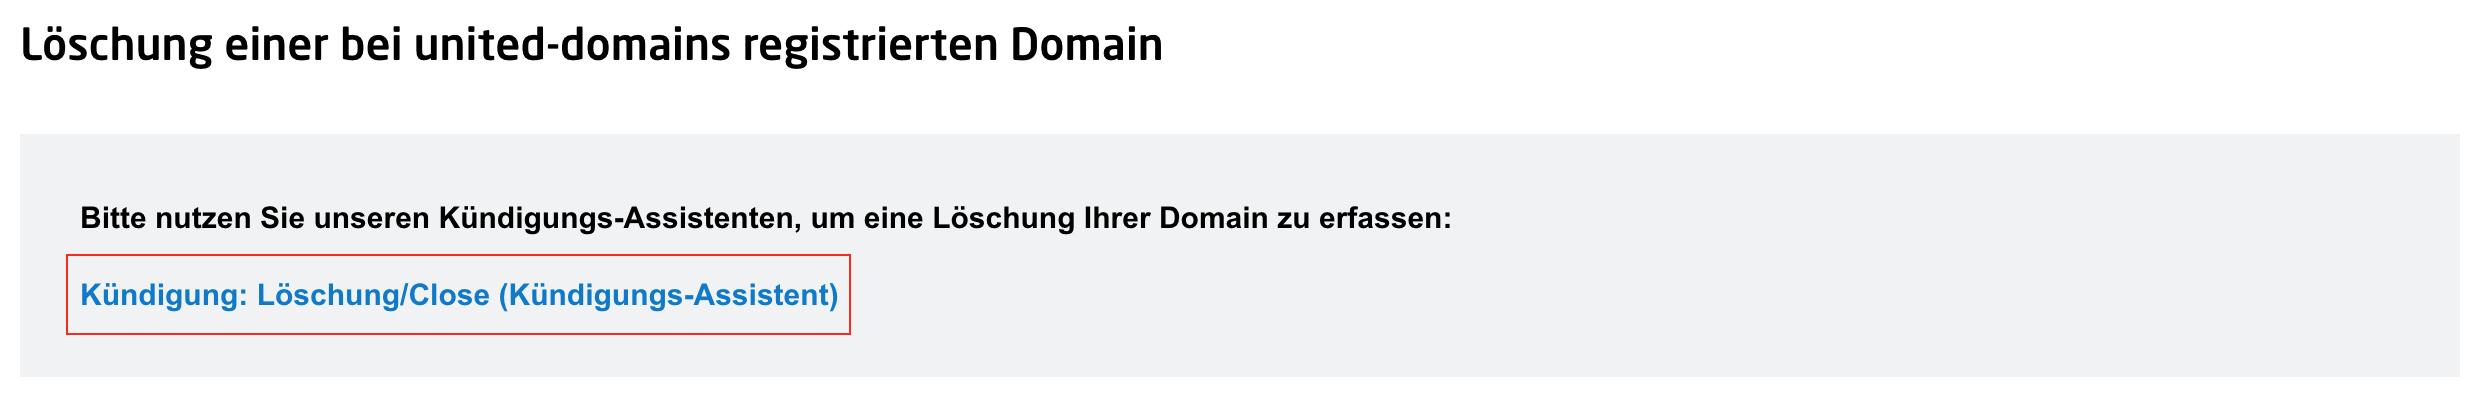 Wie Kann Ich Meine Domain Kündigen United Domains Hilfe